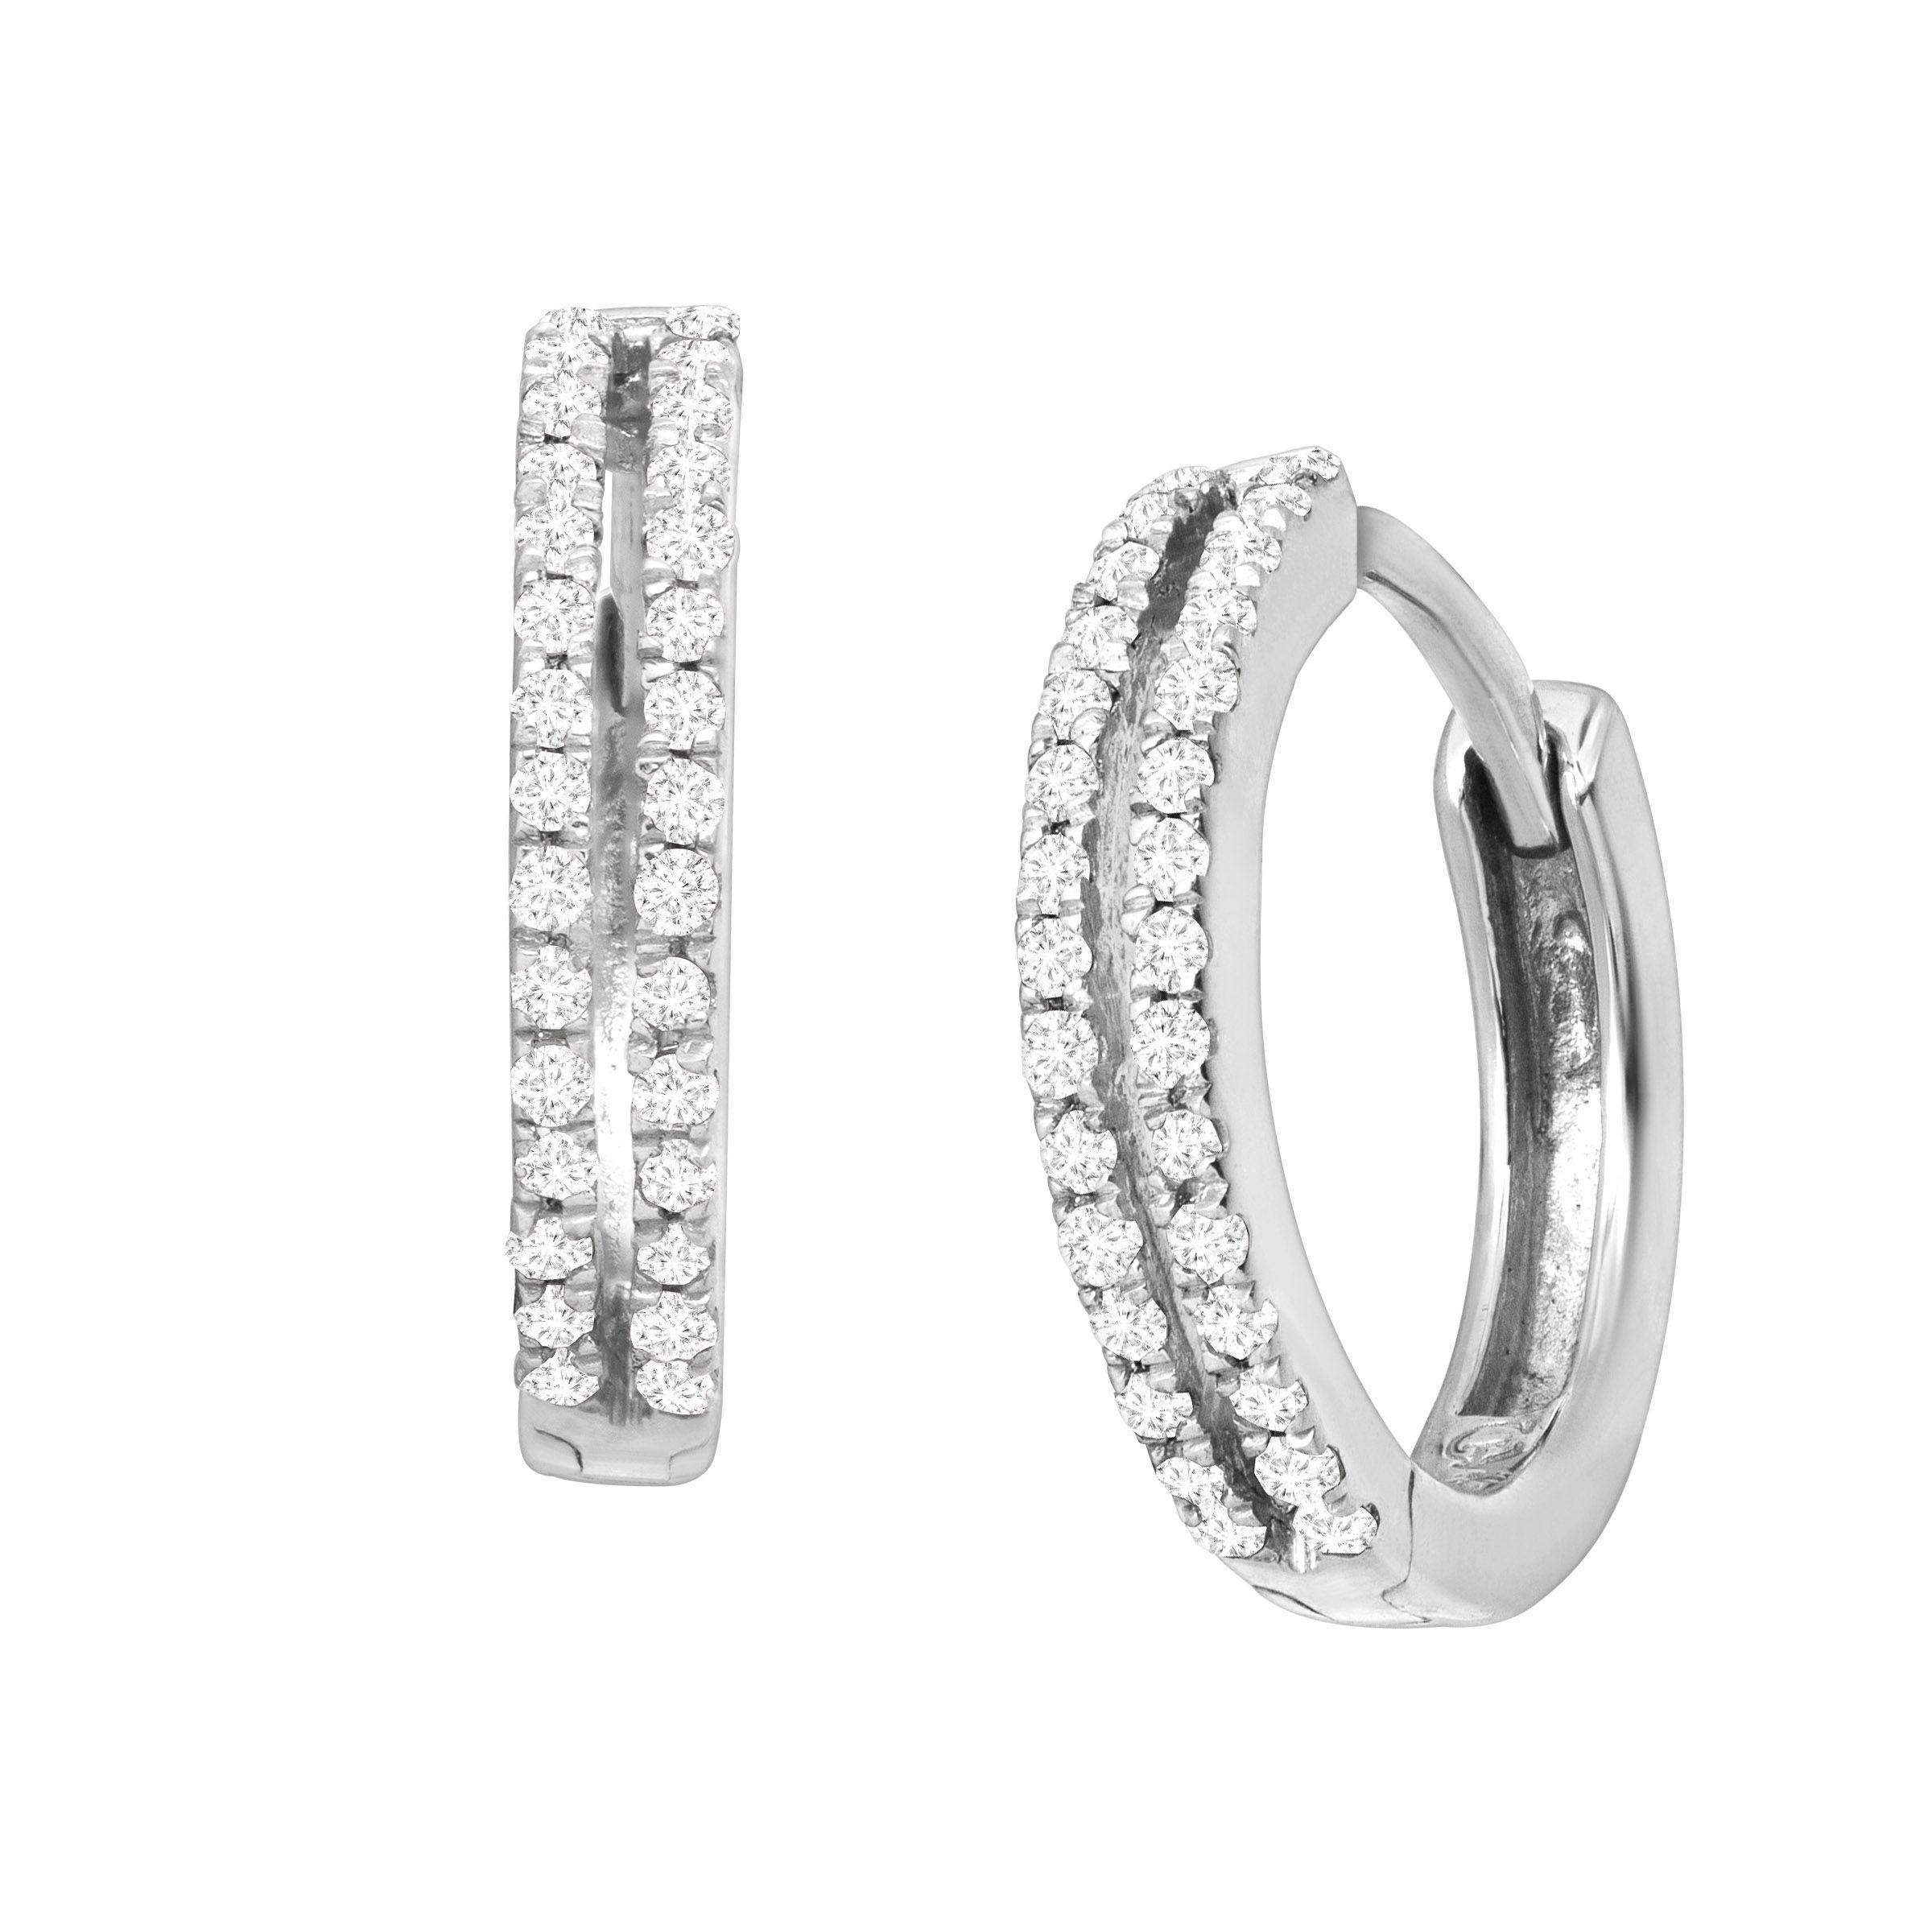 STERLING SILVER DIAMOND HOOP EARRINGS 1//4 CT